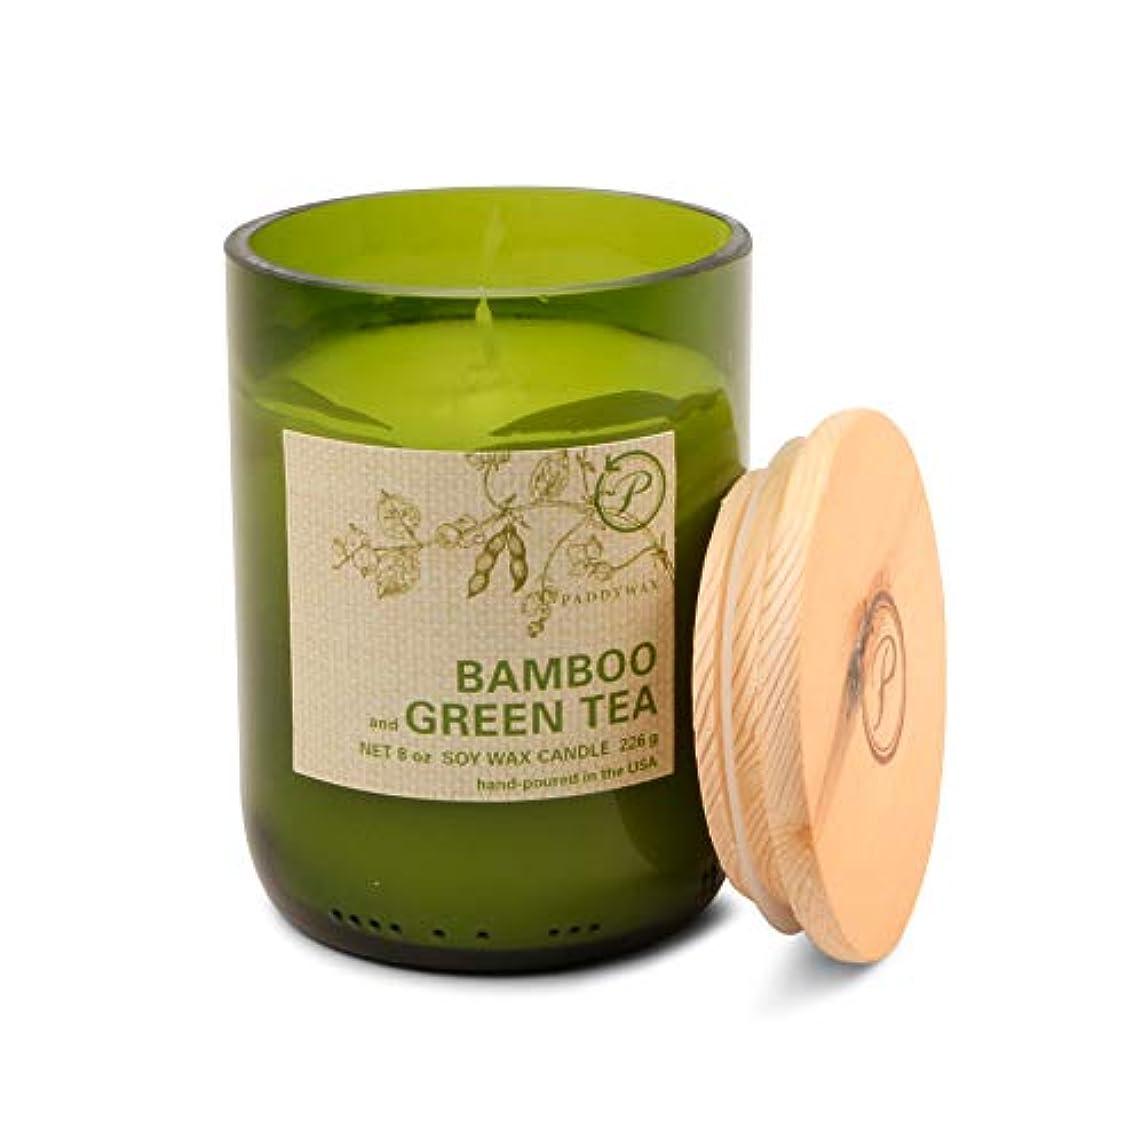 パディワックス(PADDYWAX) エコ?グリーン キャンドル(ECO GREEN Candle) バンブー & グリーンティー(BAMBOO and GREEN TEA)